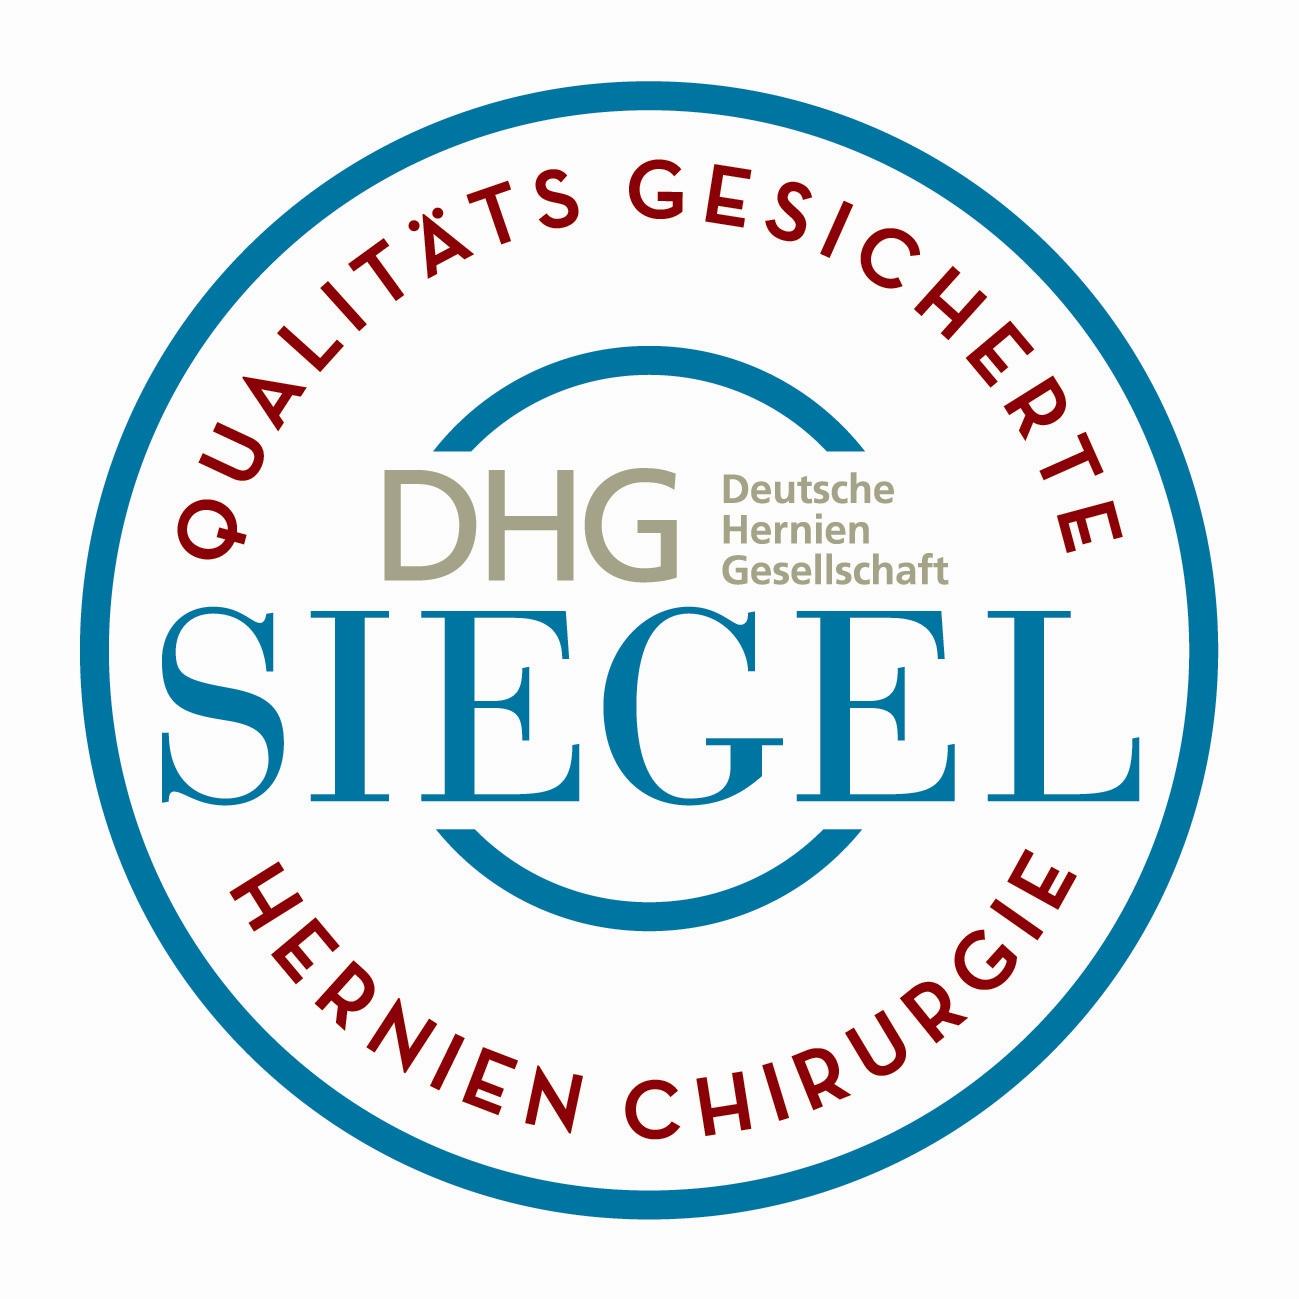 dhg-siegel-farbig